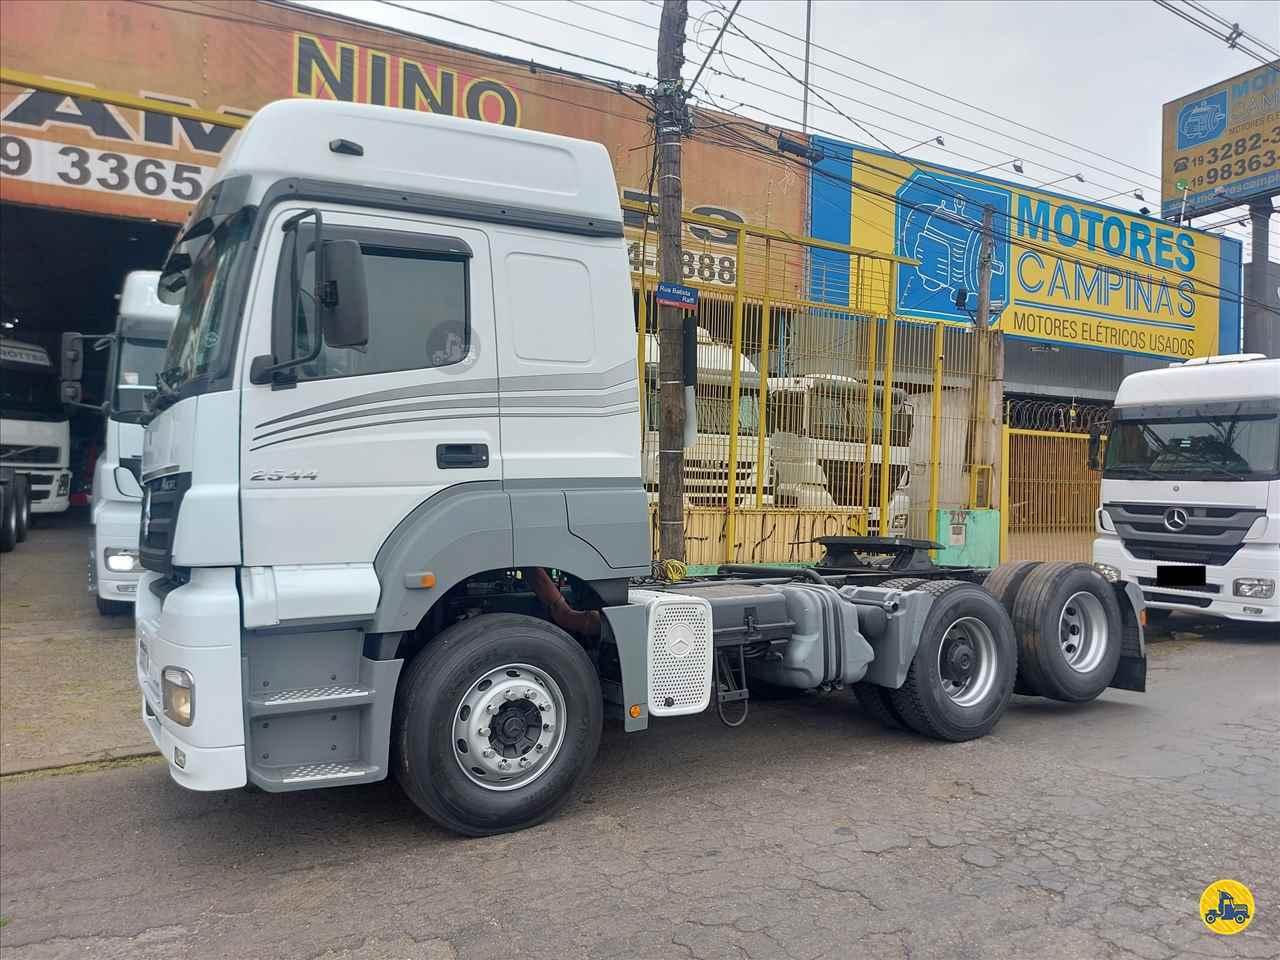 MB 2544 de Nino Caminhões - CAMPINAS/SP